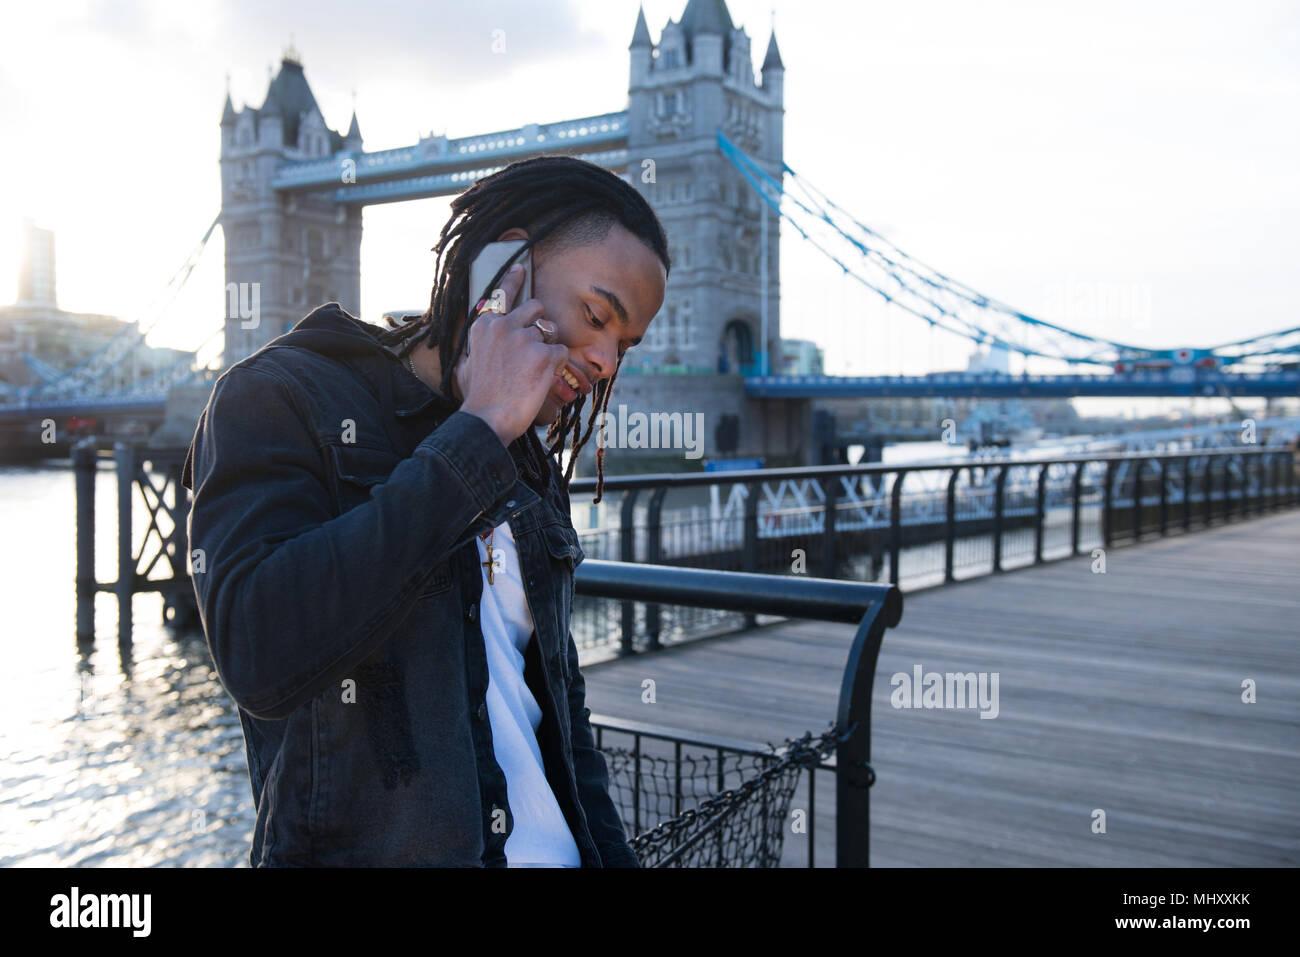 Giovane uomo all'aperto, utilizzando lo smartphone, Tower Bridge in background, London, England, Regno Unito Immagini Stock